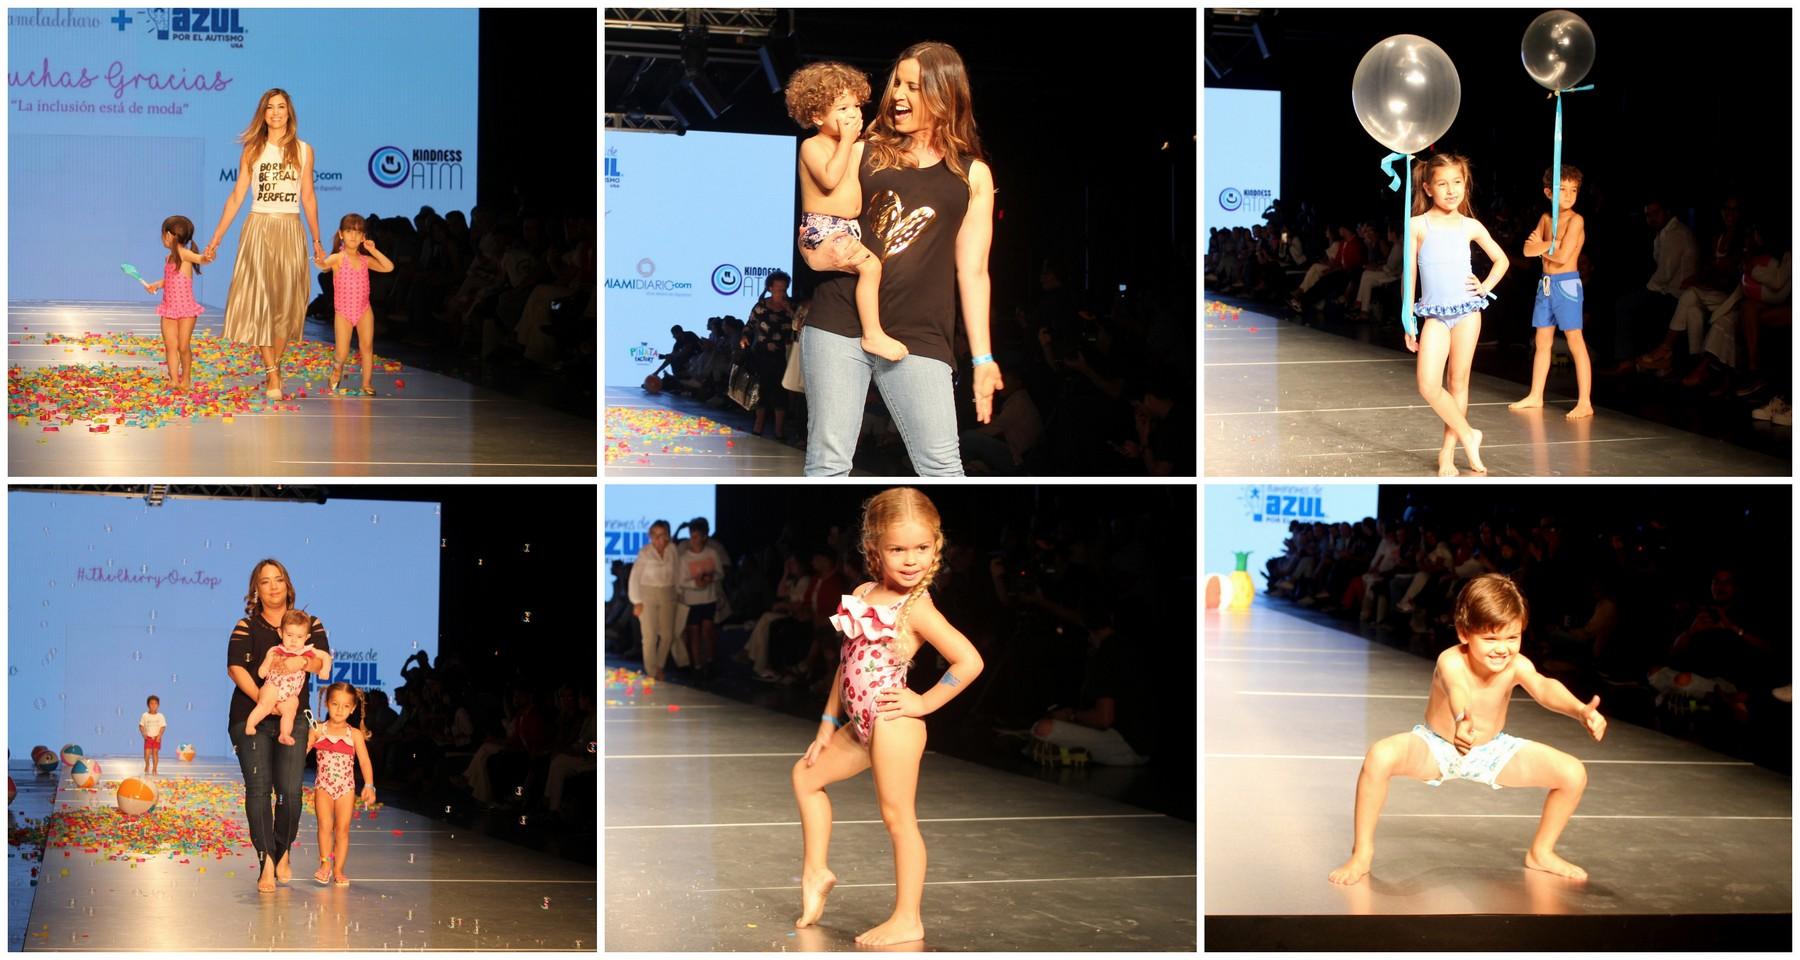 Hijos de Celebridades Hispanas Caminaron La Pasarela del Miami Fashion Week Con 'La Inclusión está de Moda' de Pamela de Haro